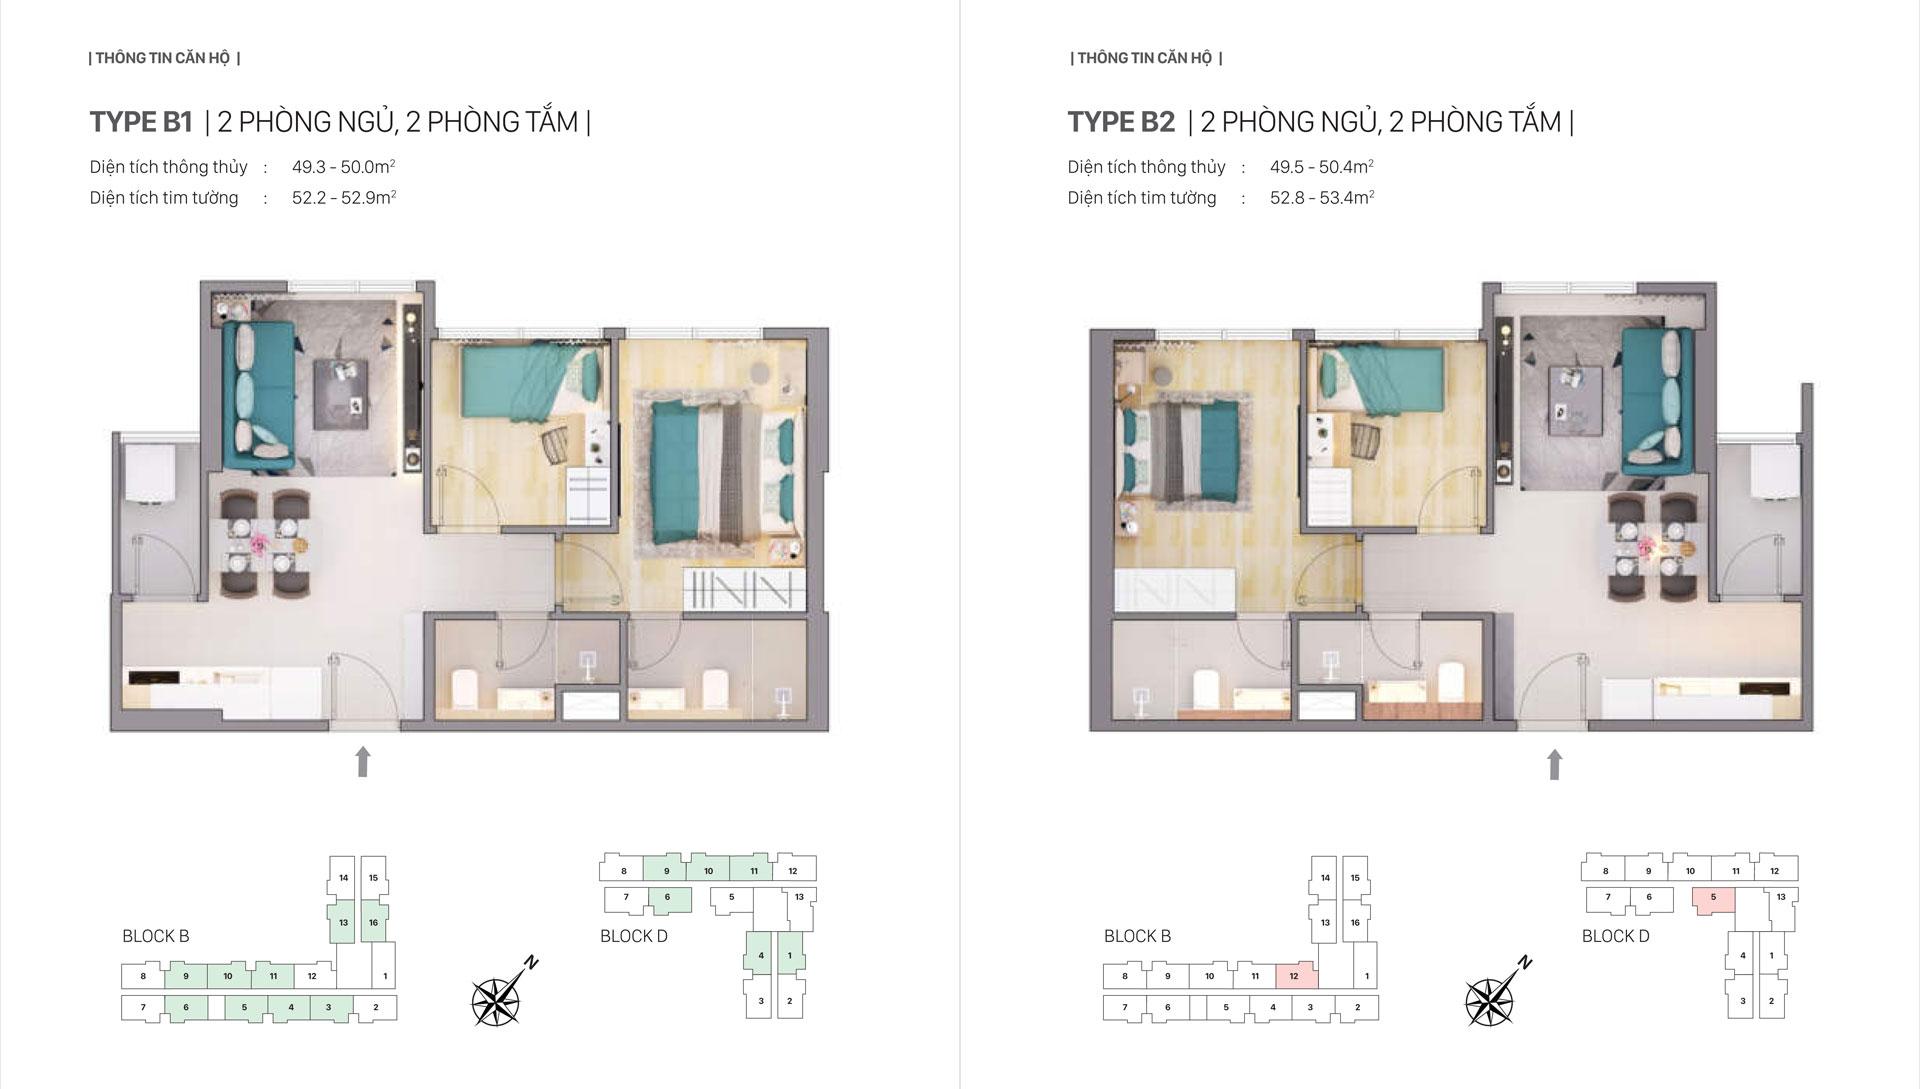 Thiết kế căn hộ B1 B2 Citi Grand Quận 2